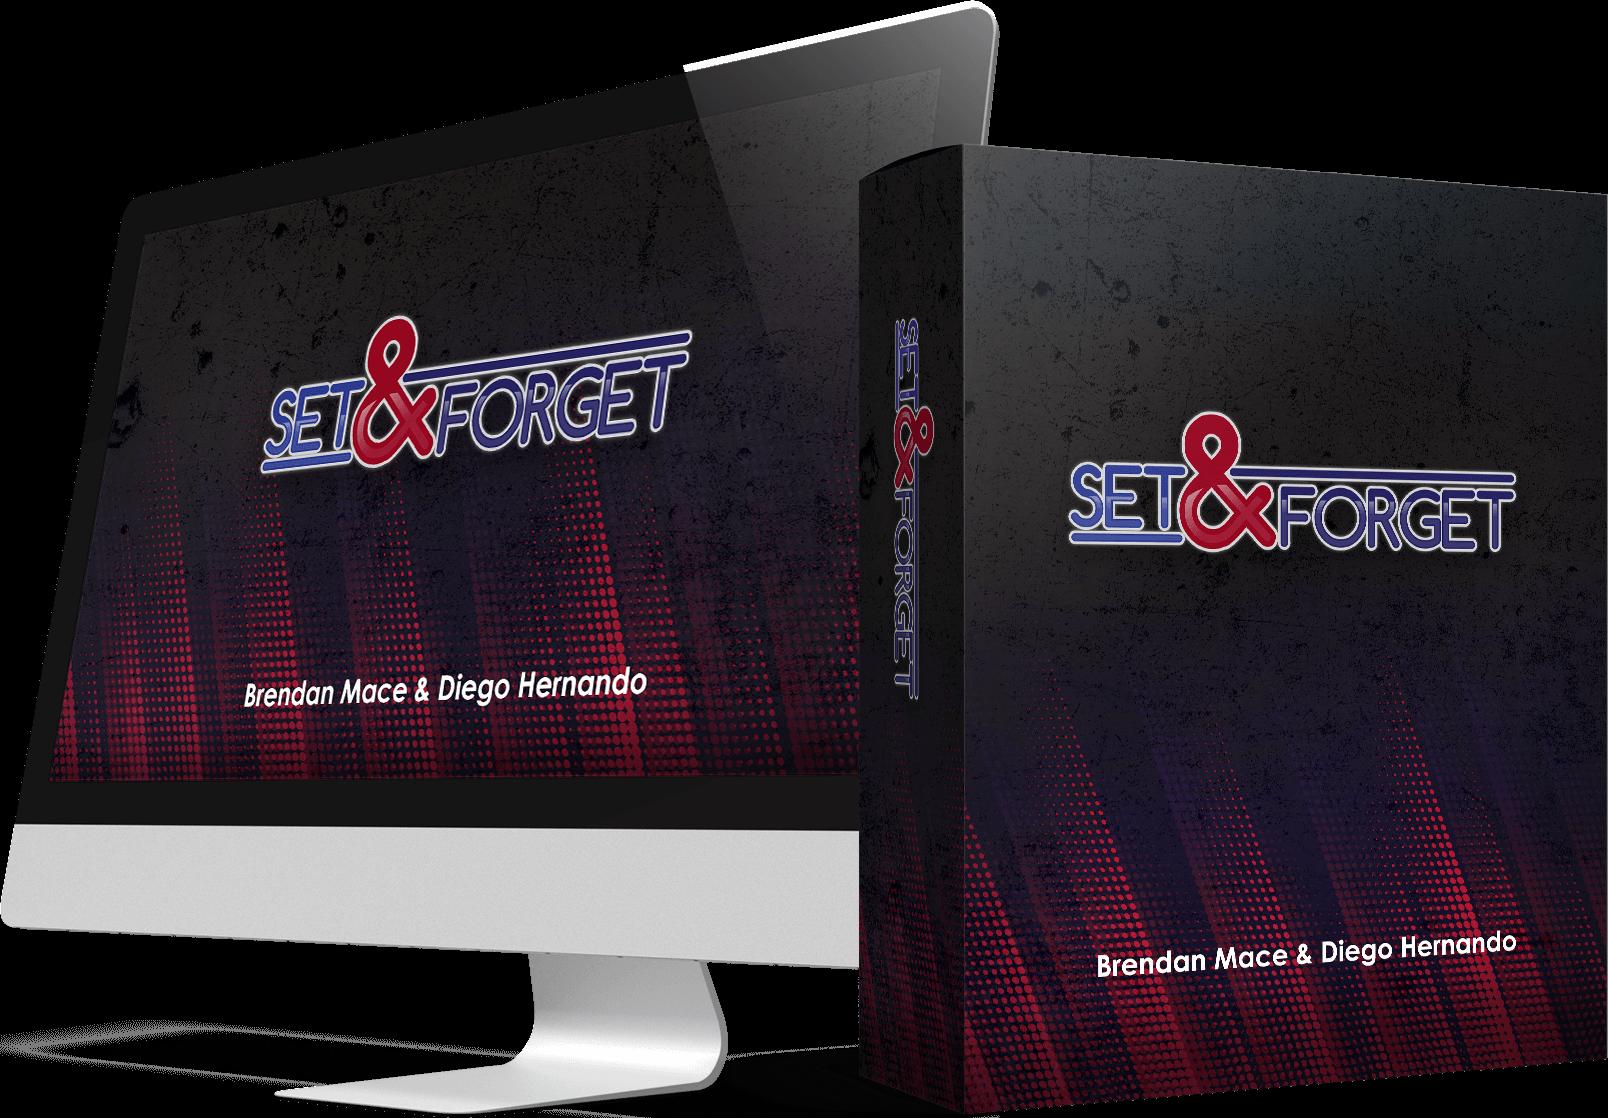 Set & Forget